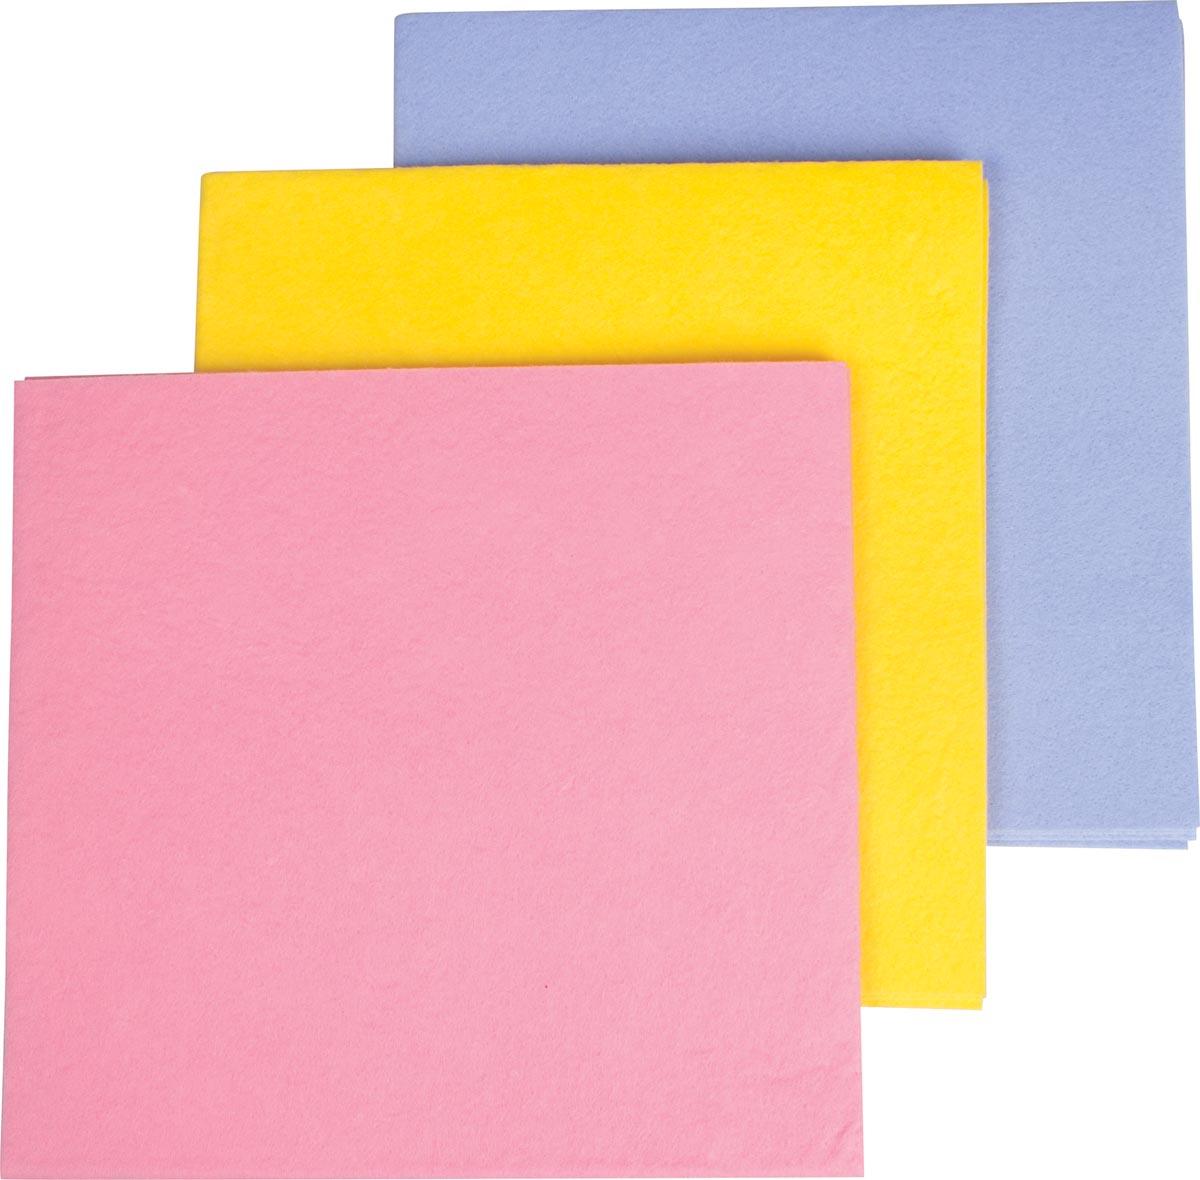 Vileda poetsdoek All Purpose, geel, pak van 10 stuks-2